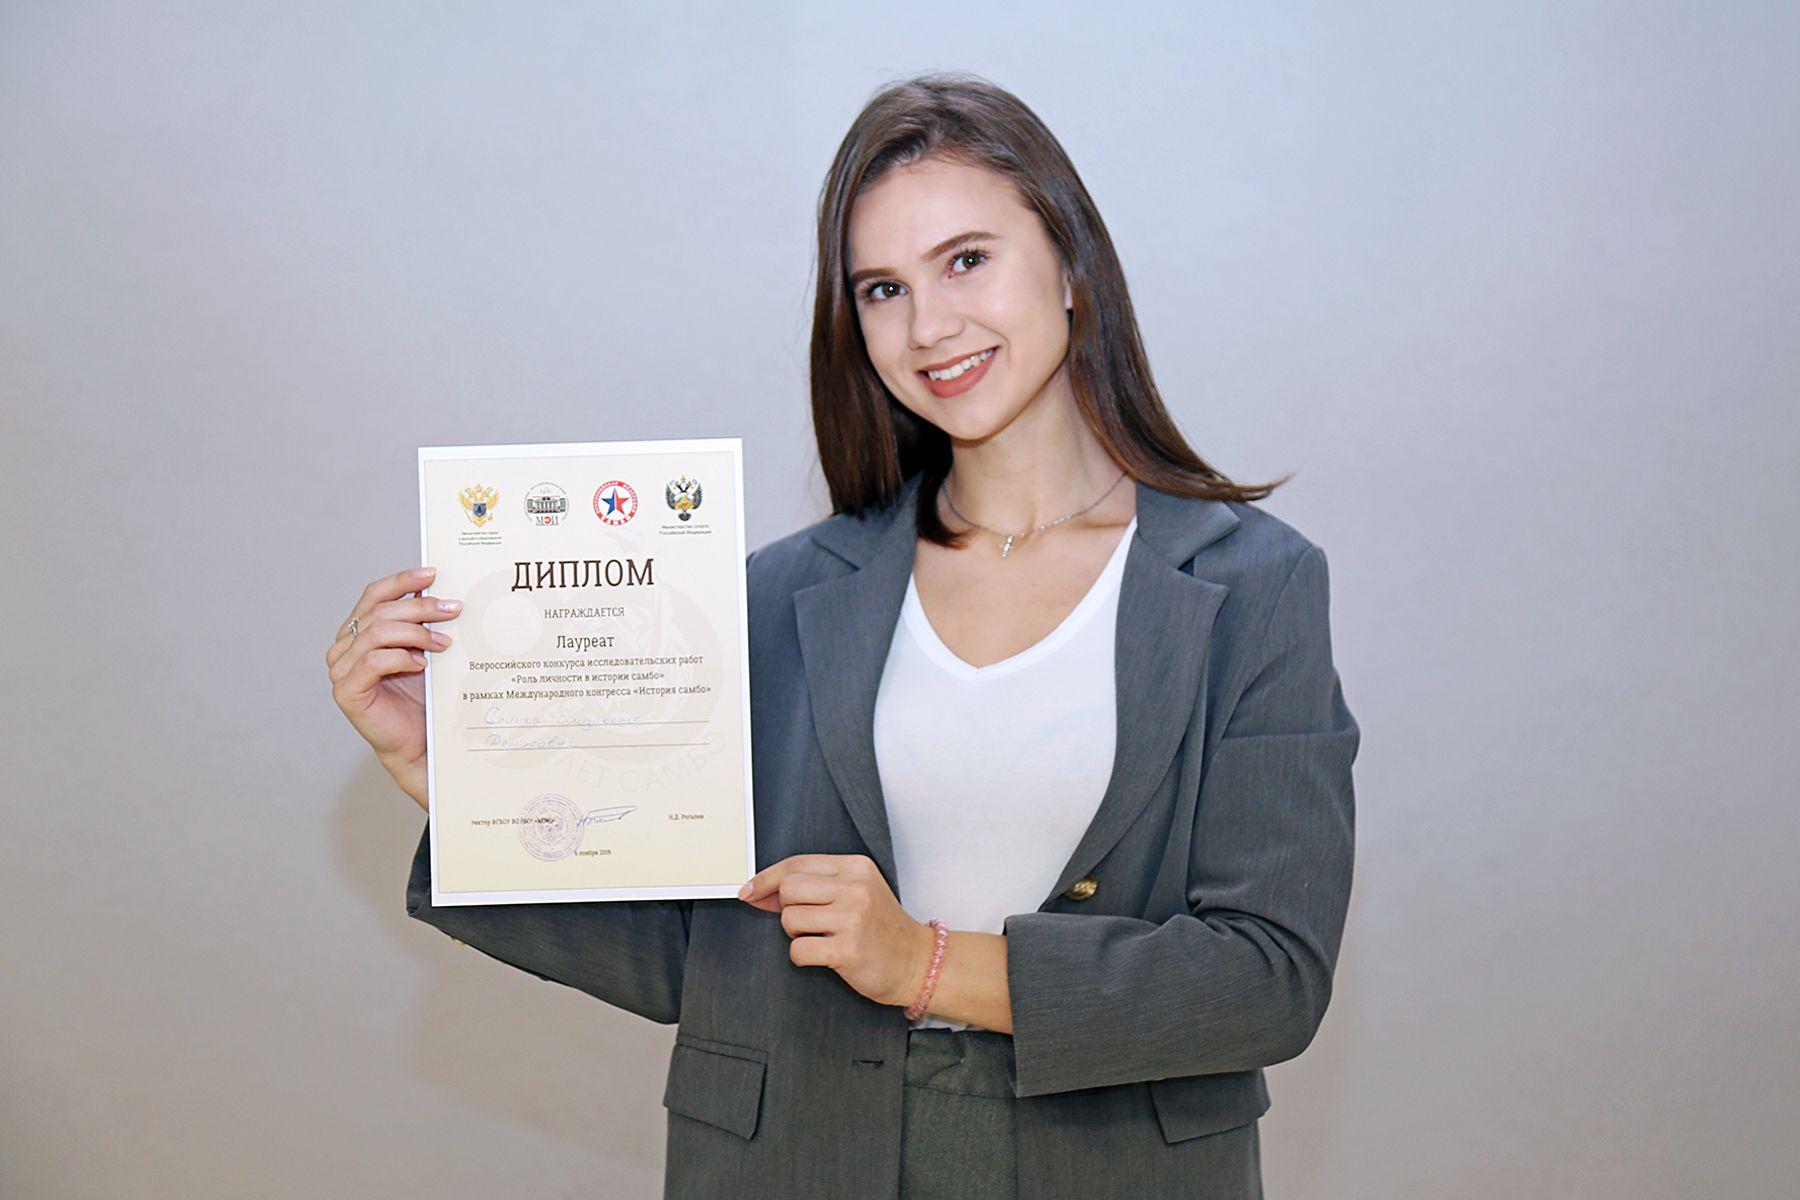 Студентка ВГУЭС Елизавета Спинка – лауреат Всероссийского конкурса «Роль личности в истории самбо»